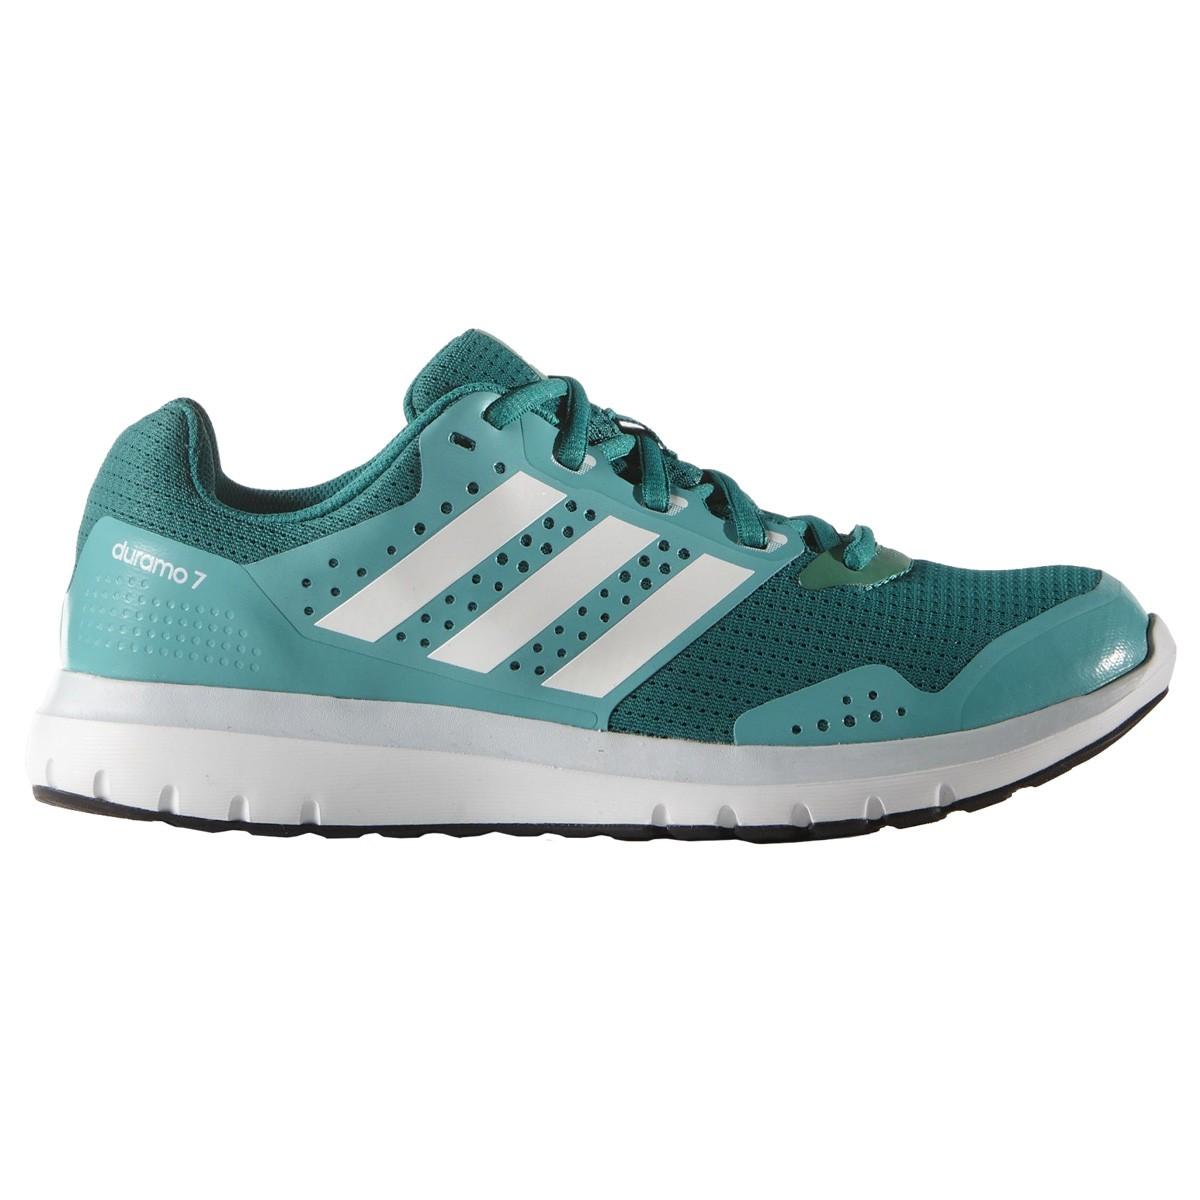 adidas donna verdi scarpe